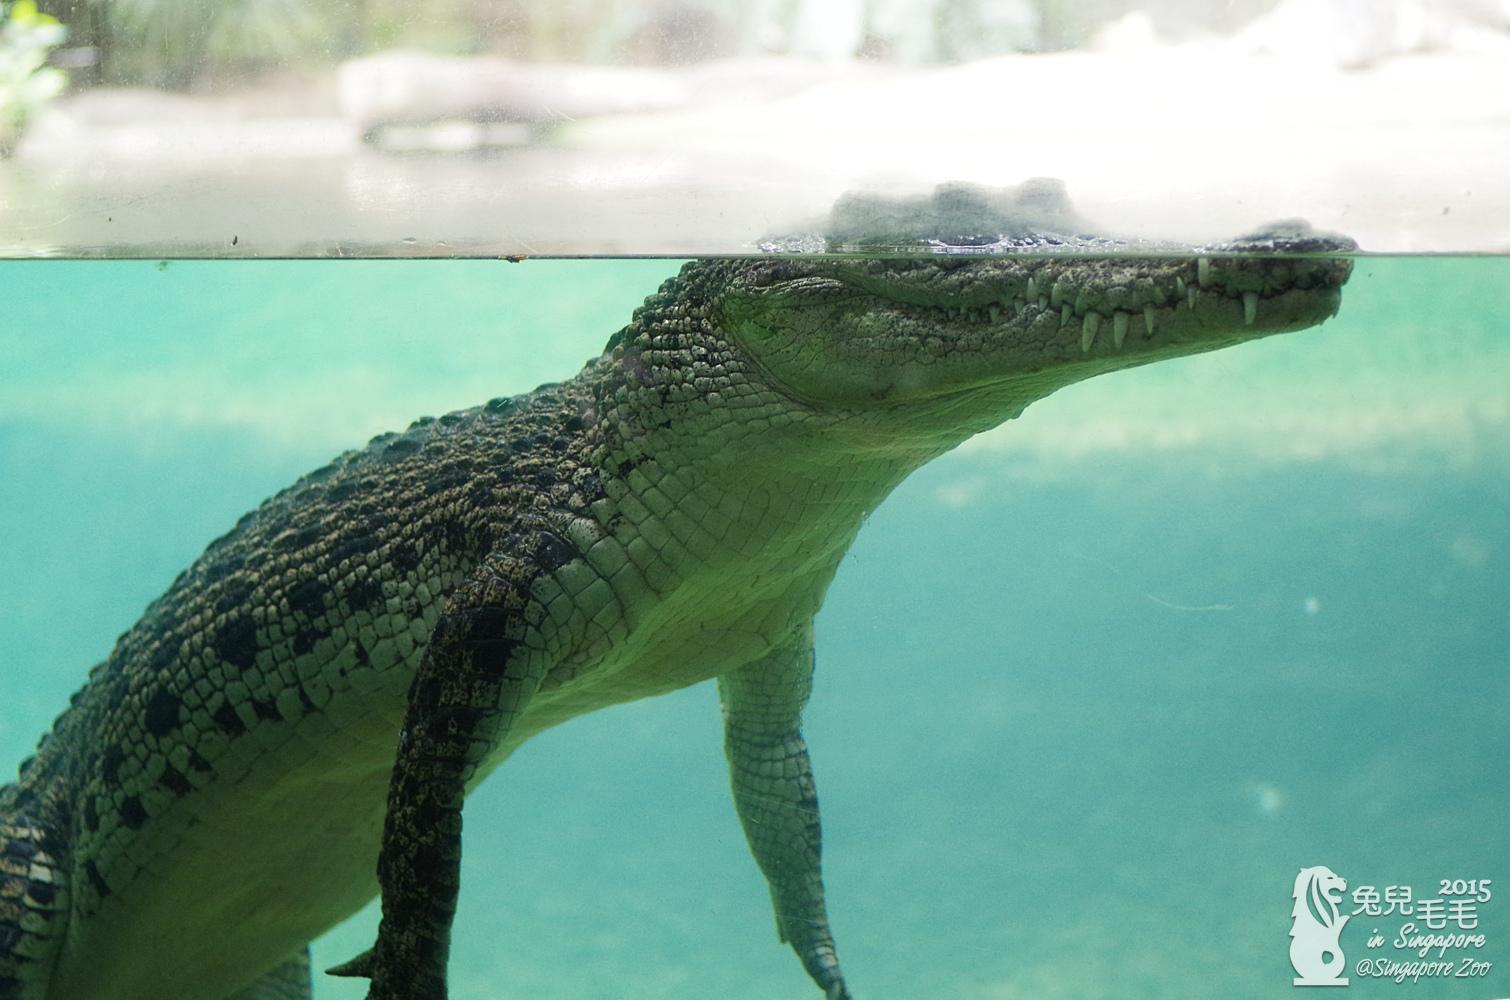 0218-Singapore Zoo-55.jpg